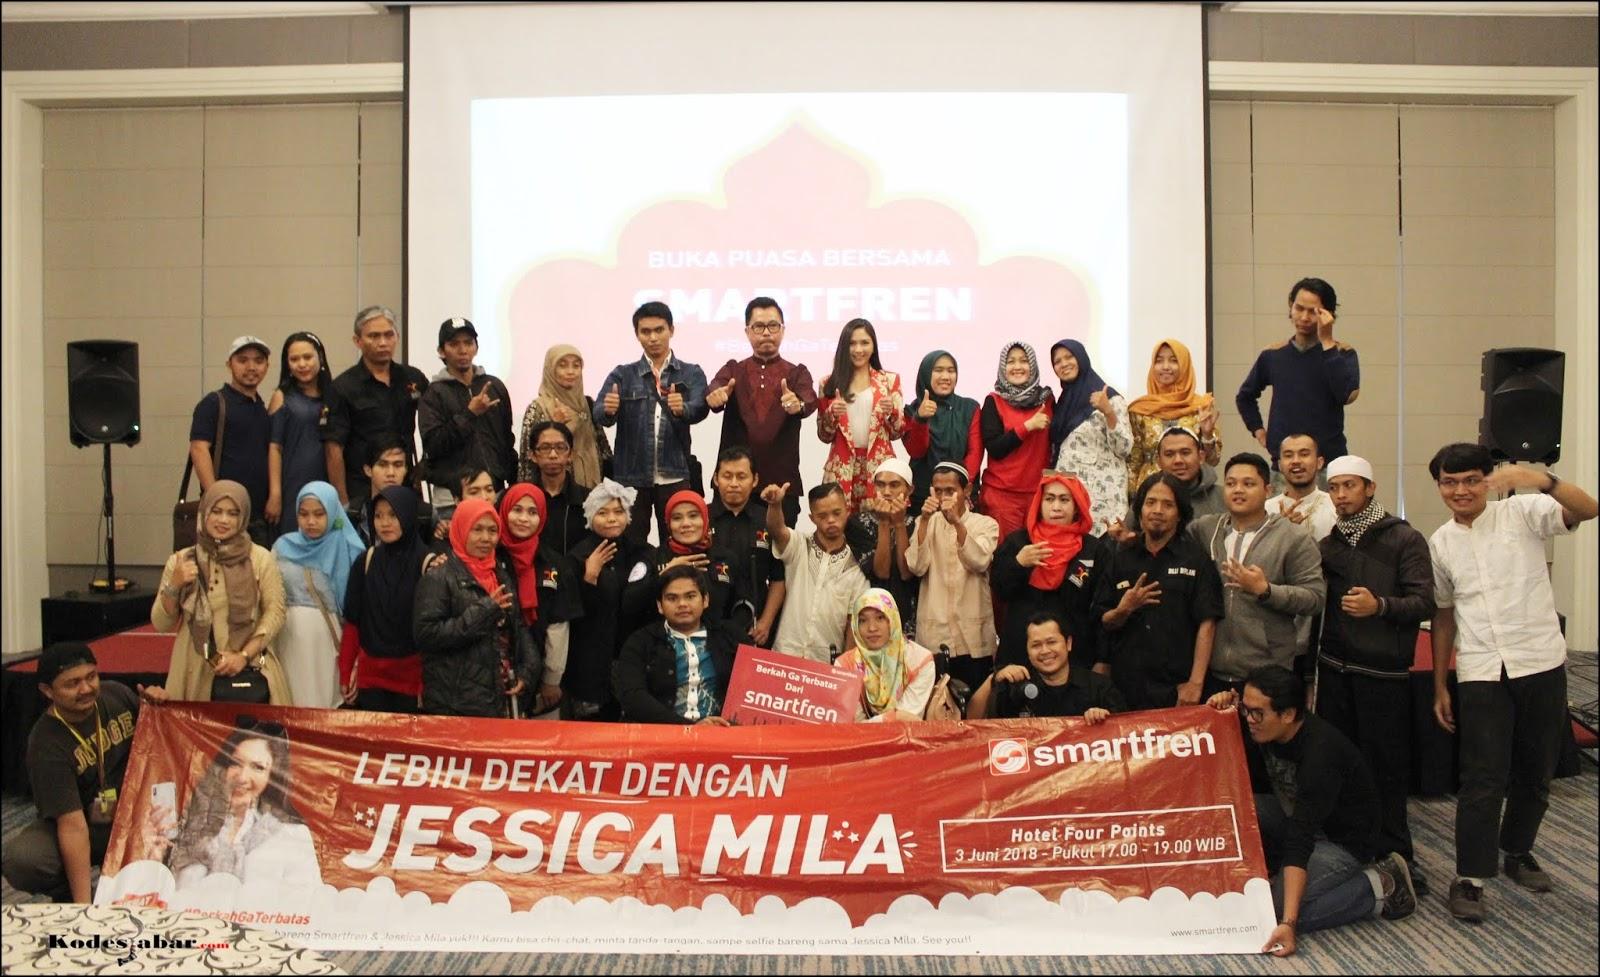 Smartfren Perkenalkan Paket Super 4G Unlimited Rp 60 Ribu Sebulan di Bandung